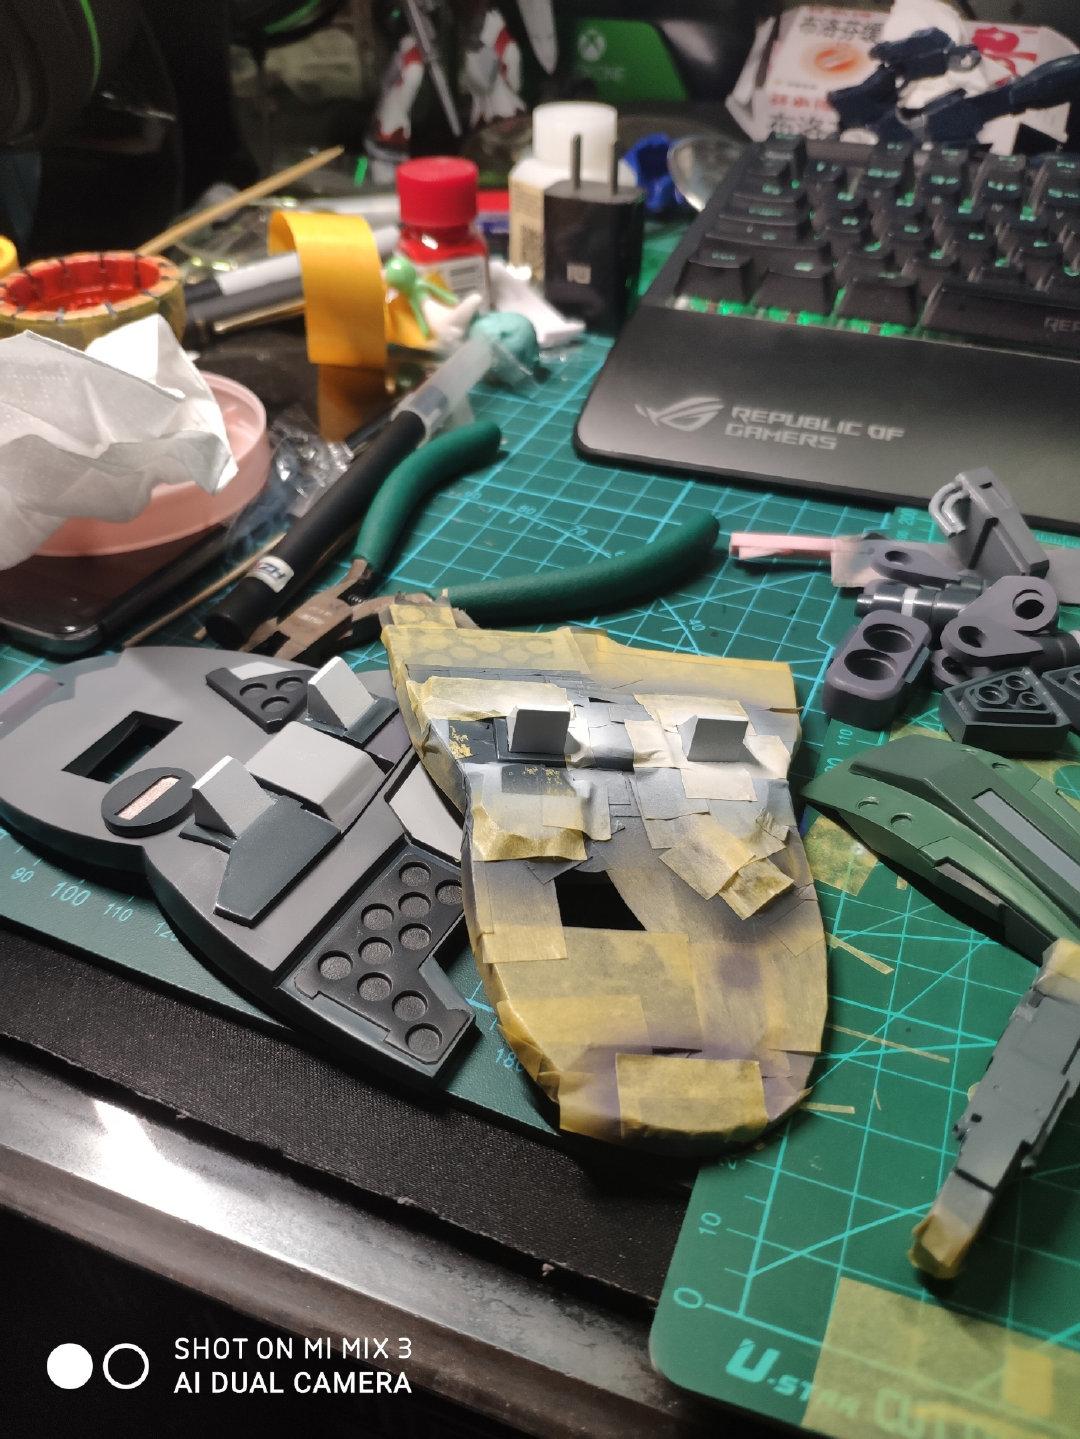 G330_AMX_002_Neue_Ziel_p_061.jpg